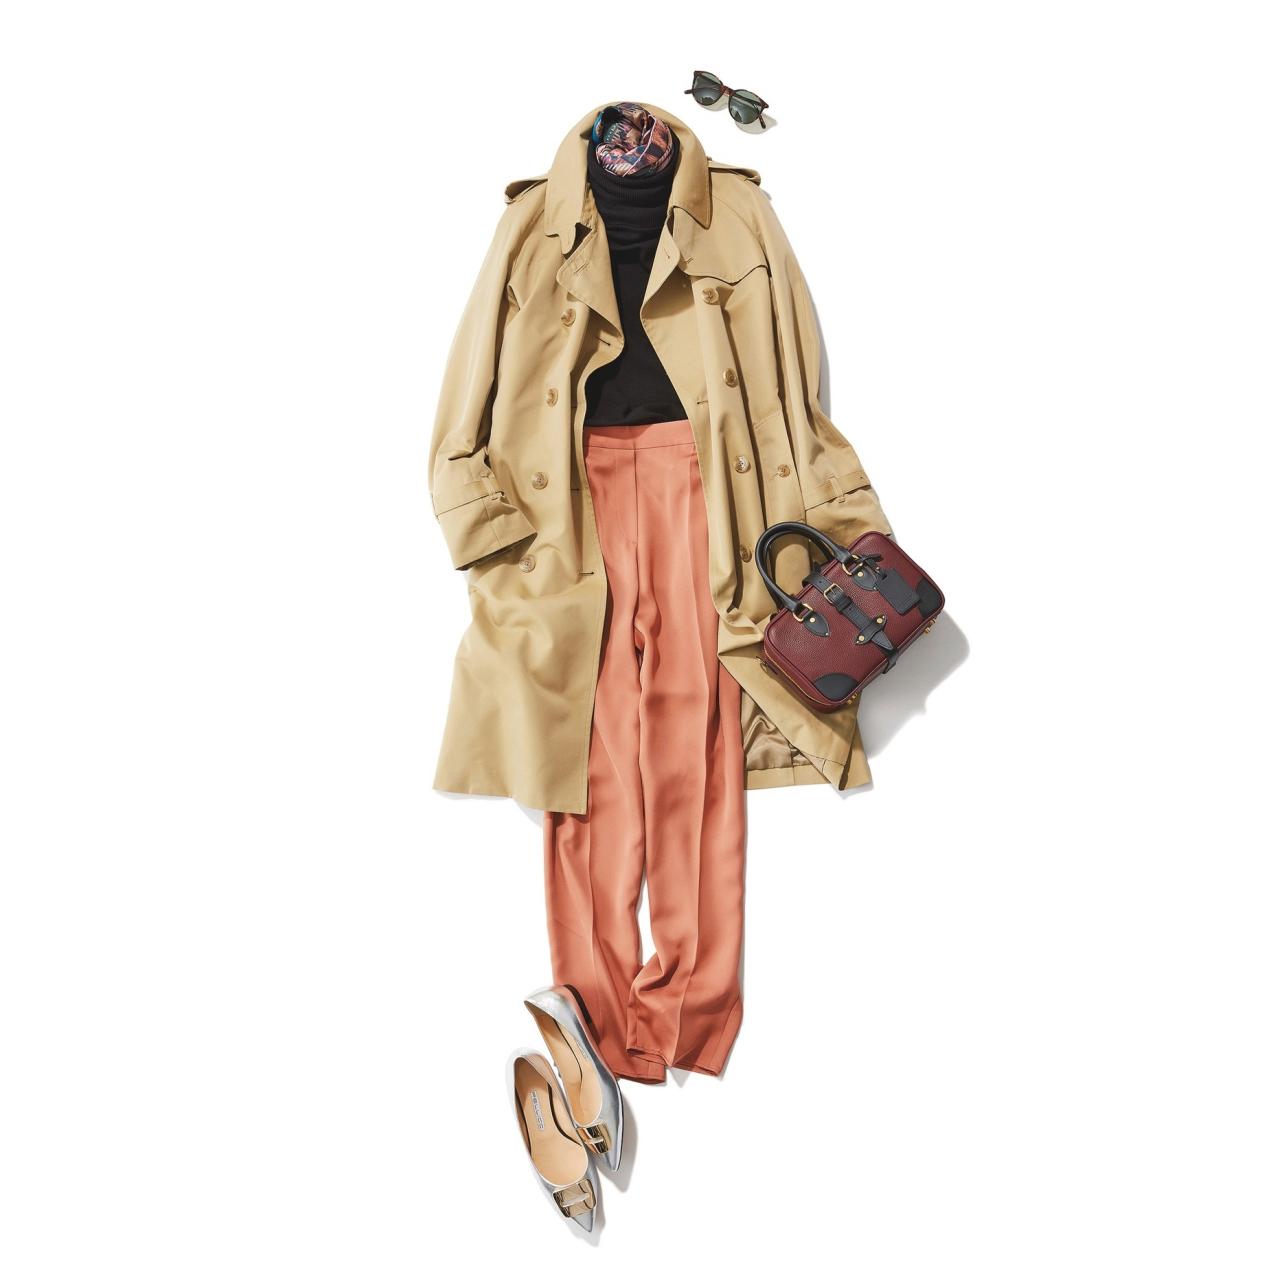 ピンクパンツ×トレンチコート&黒ニットのファッションコーデ